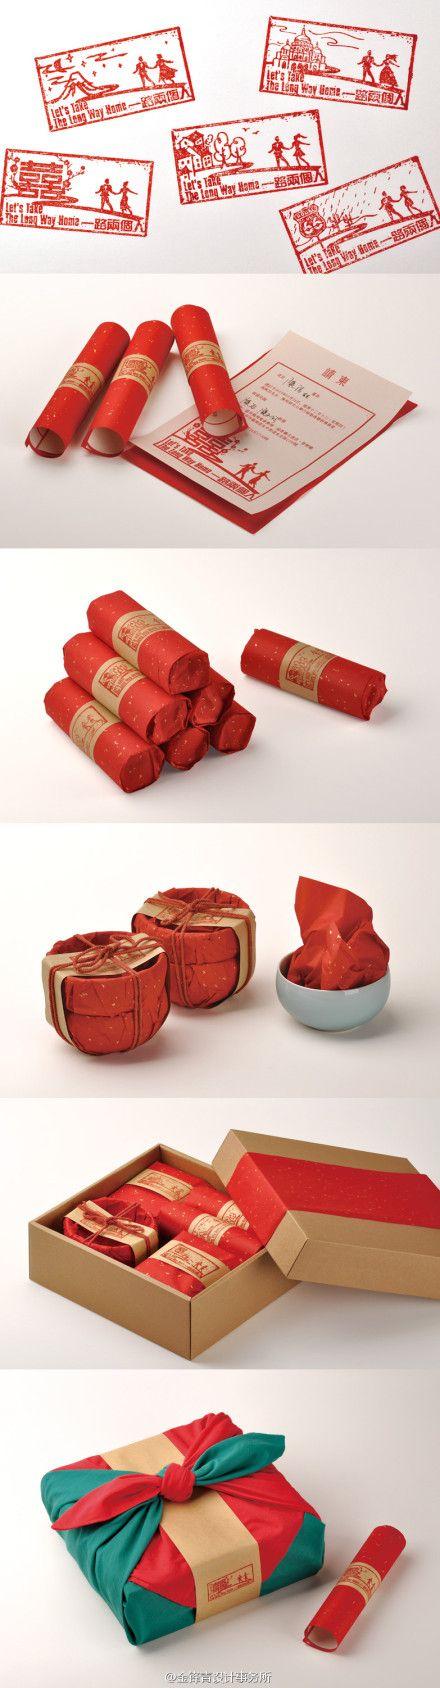 金锋青设计的微博_微博_結婚請柬 assorted products for (romantic) tea in pretty red #packaging PD